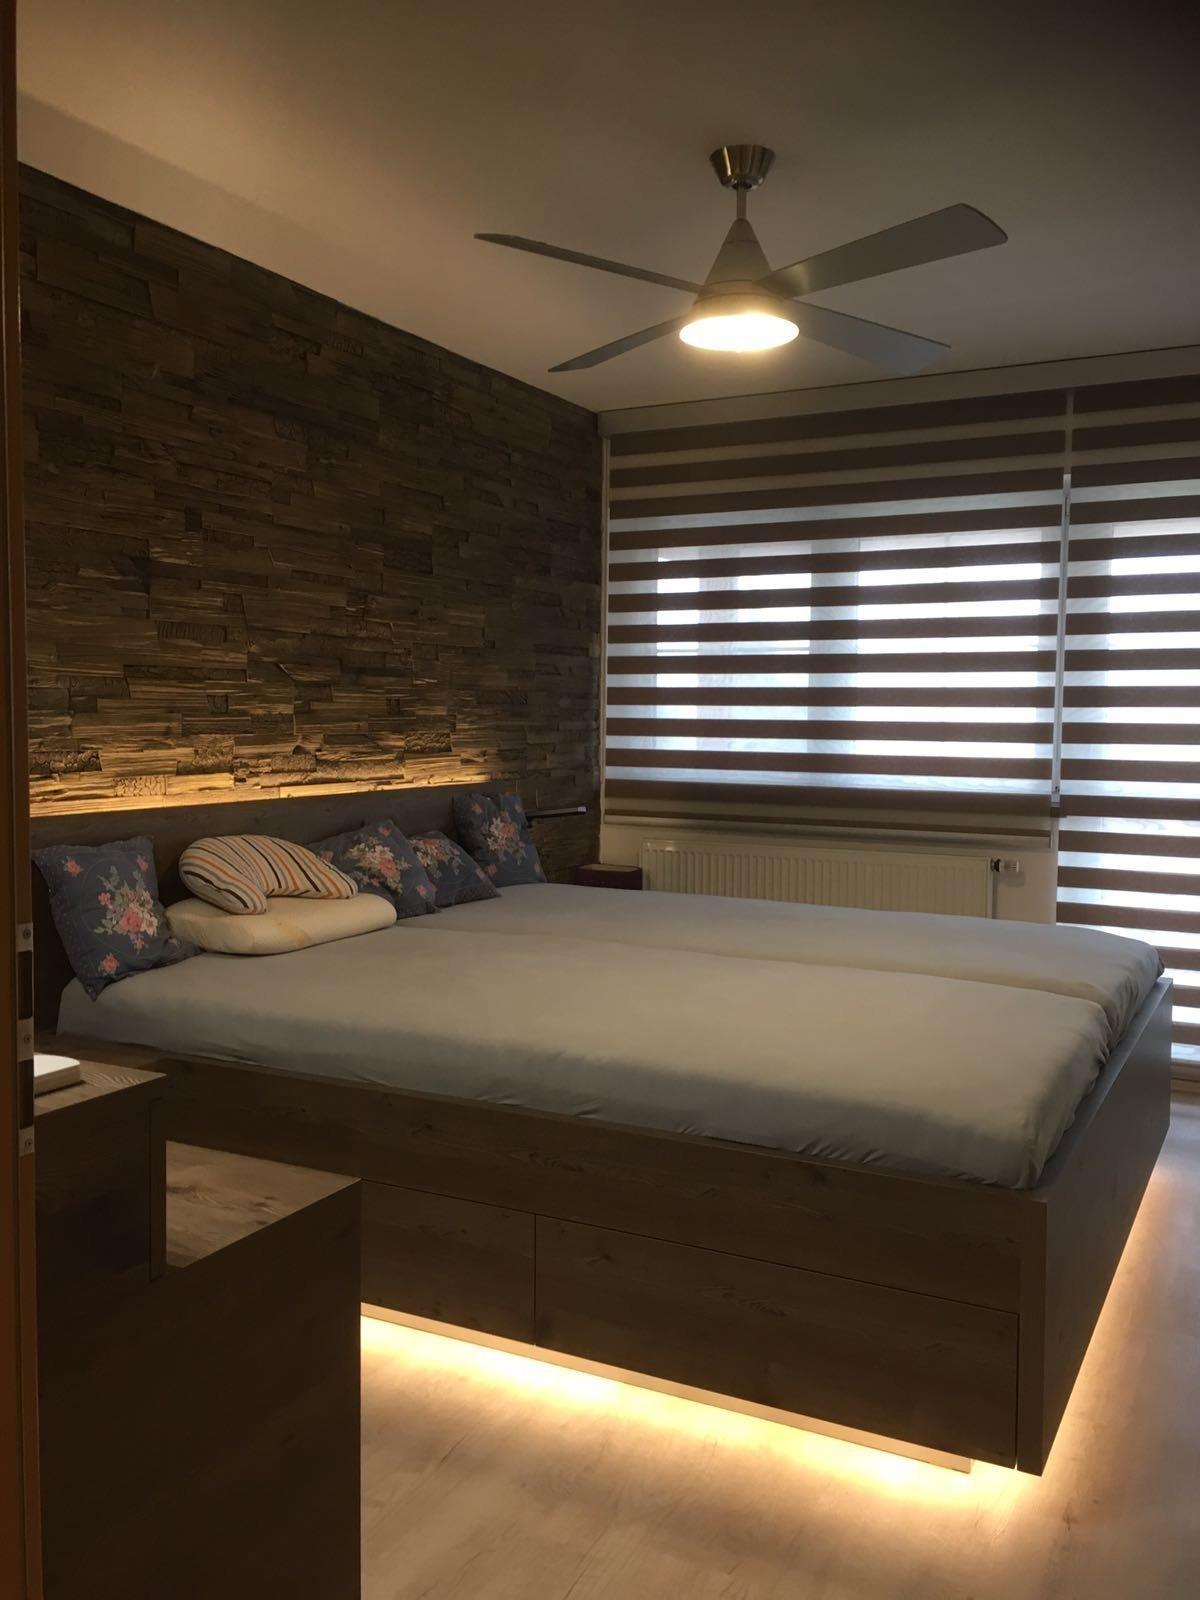 ložnice na míru s toaletním stolkem a břidlicovým obkladem doplněná LED diodovým podsvětlením postele a zabudované niky. Na oknech jsou osazeny oblíbené…